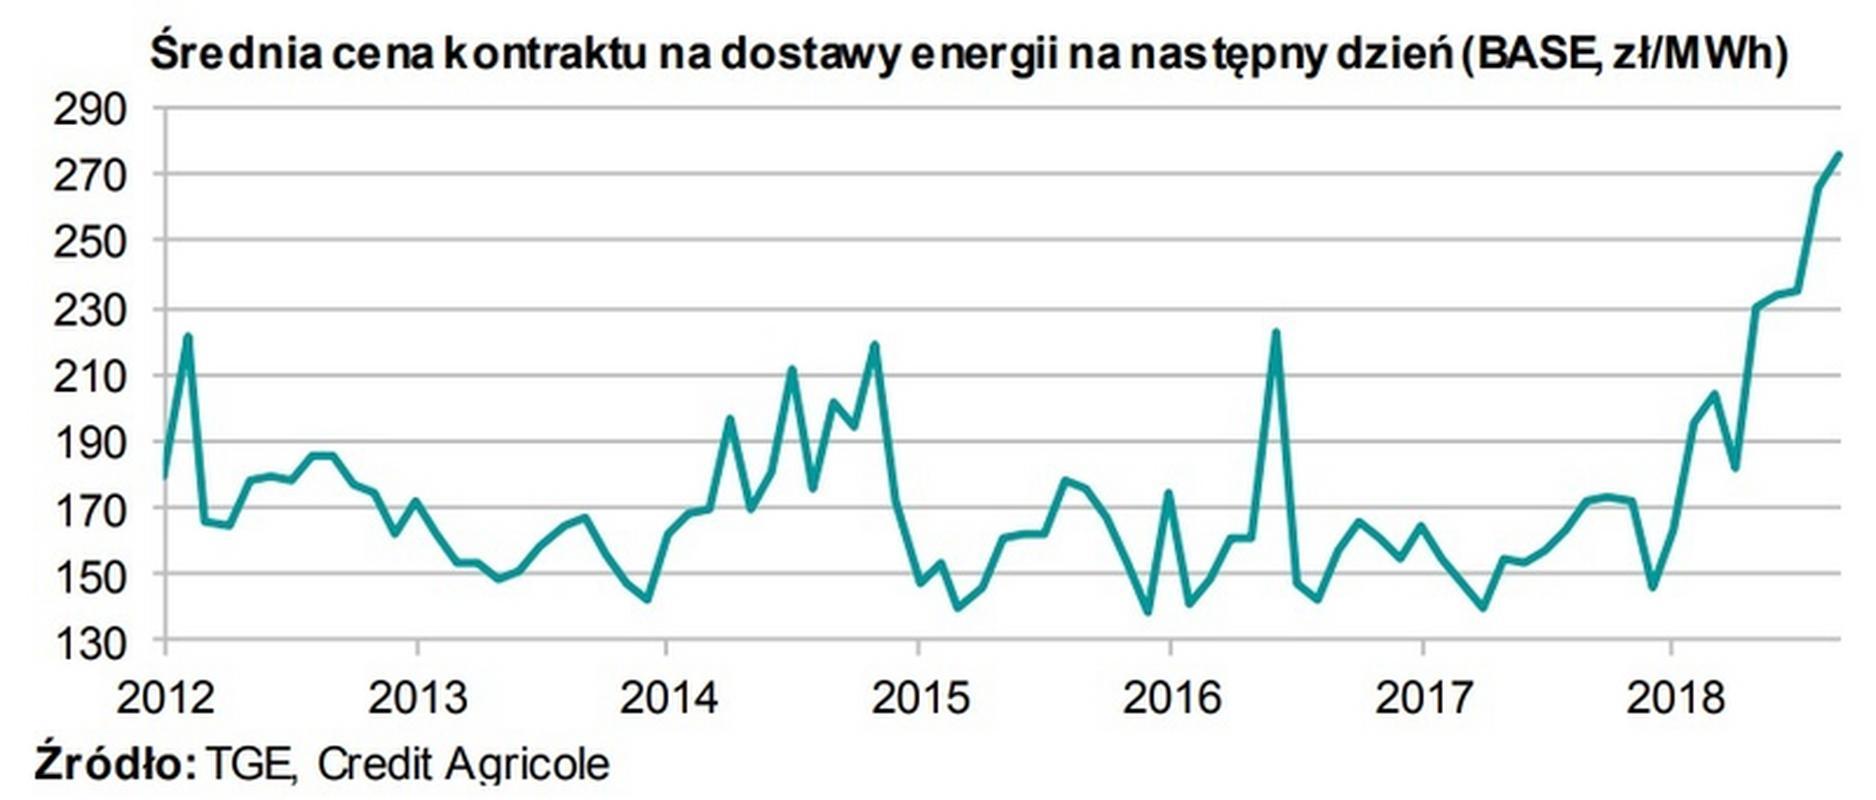 Średnia cena kontraktu na dostawy energii na następny dzień (BASE, zł/MWh)